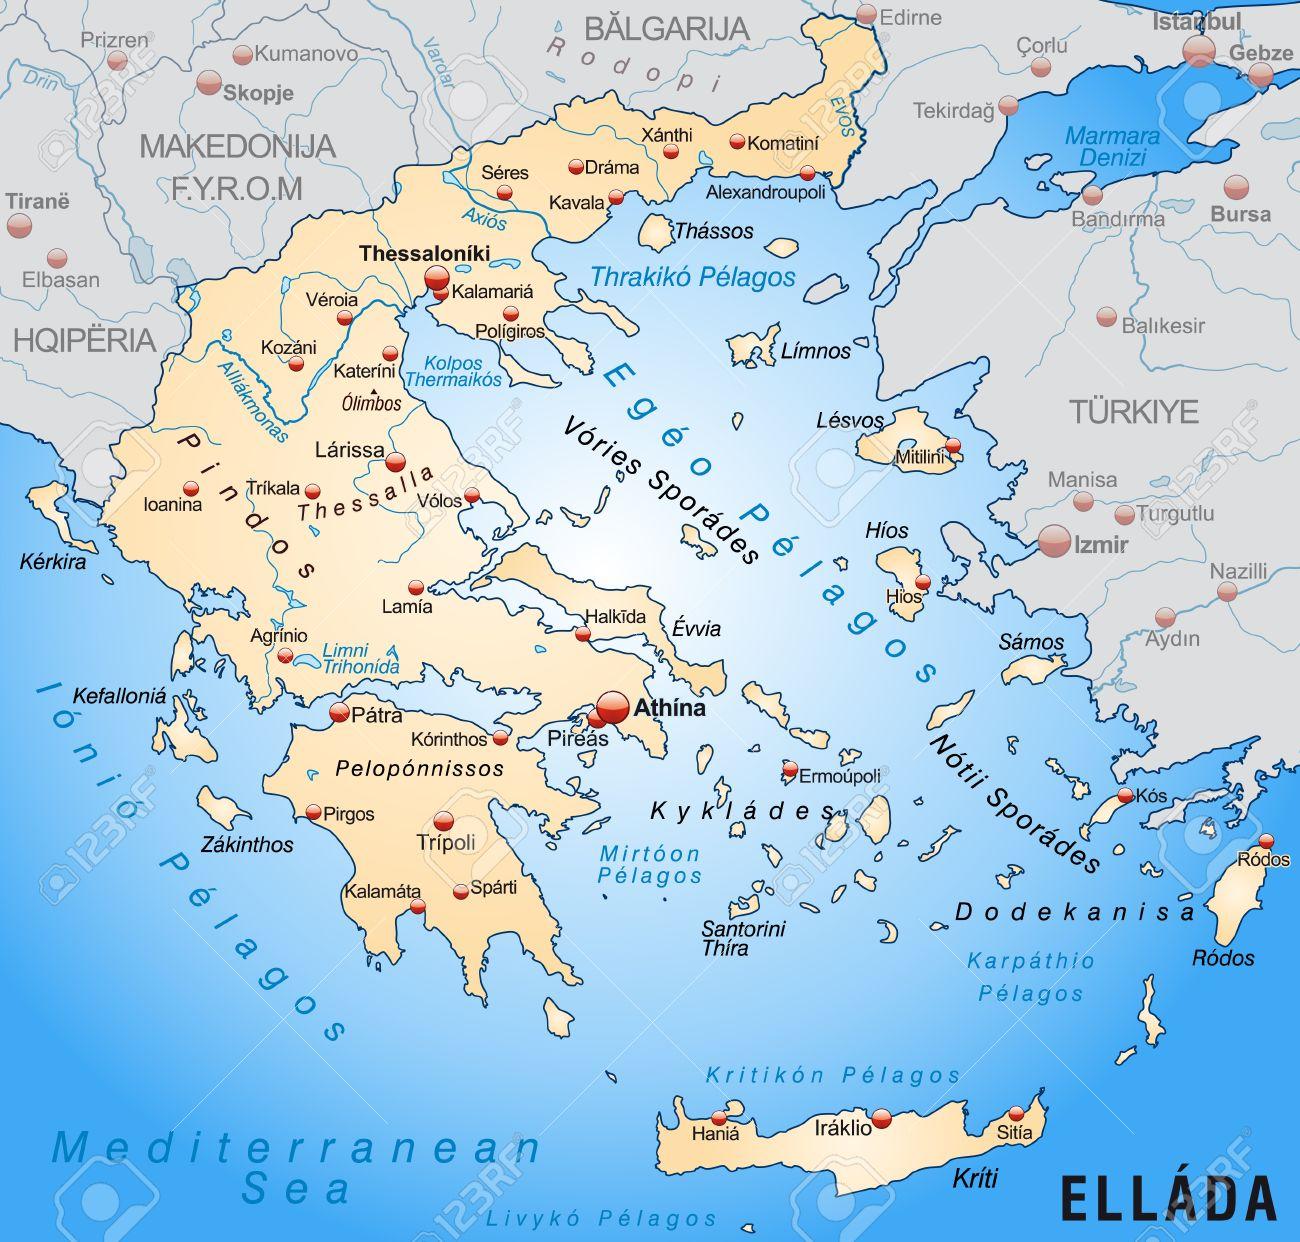 griechenland karte Karte Von Griechenland Als Übersichtskarte In Pastell Orange  griechenland karte